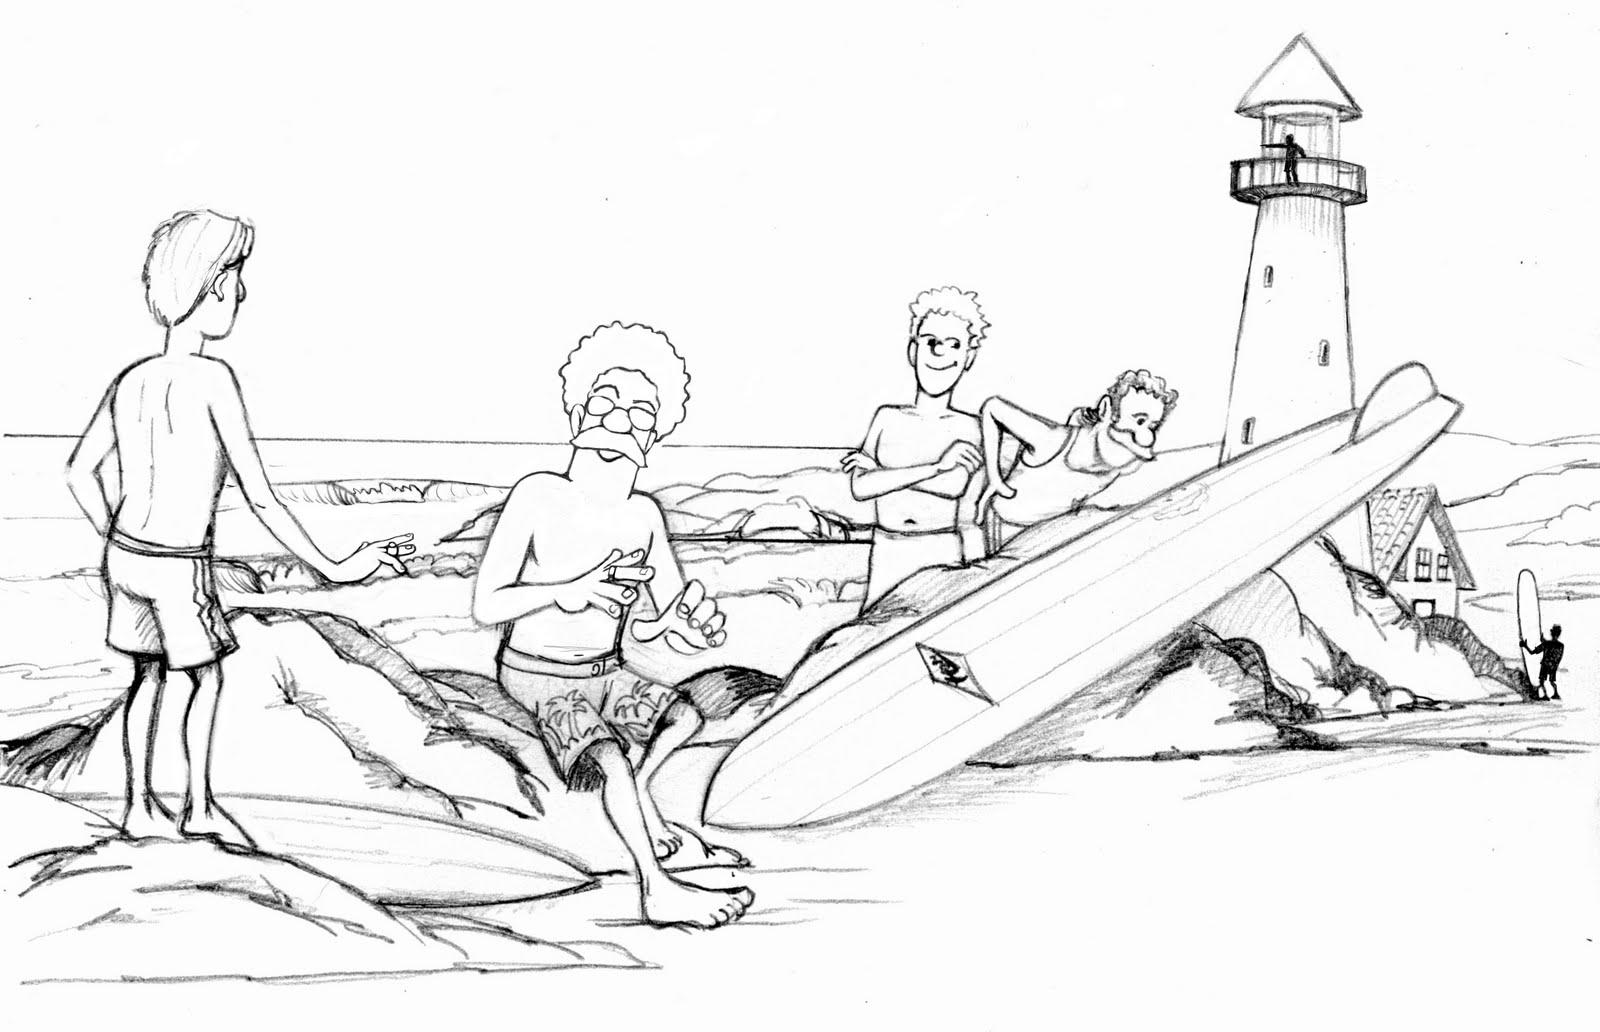 Desenhos Preto e Branco o surfista com sua prancha legal  para copiar Colorir